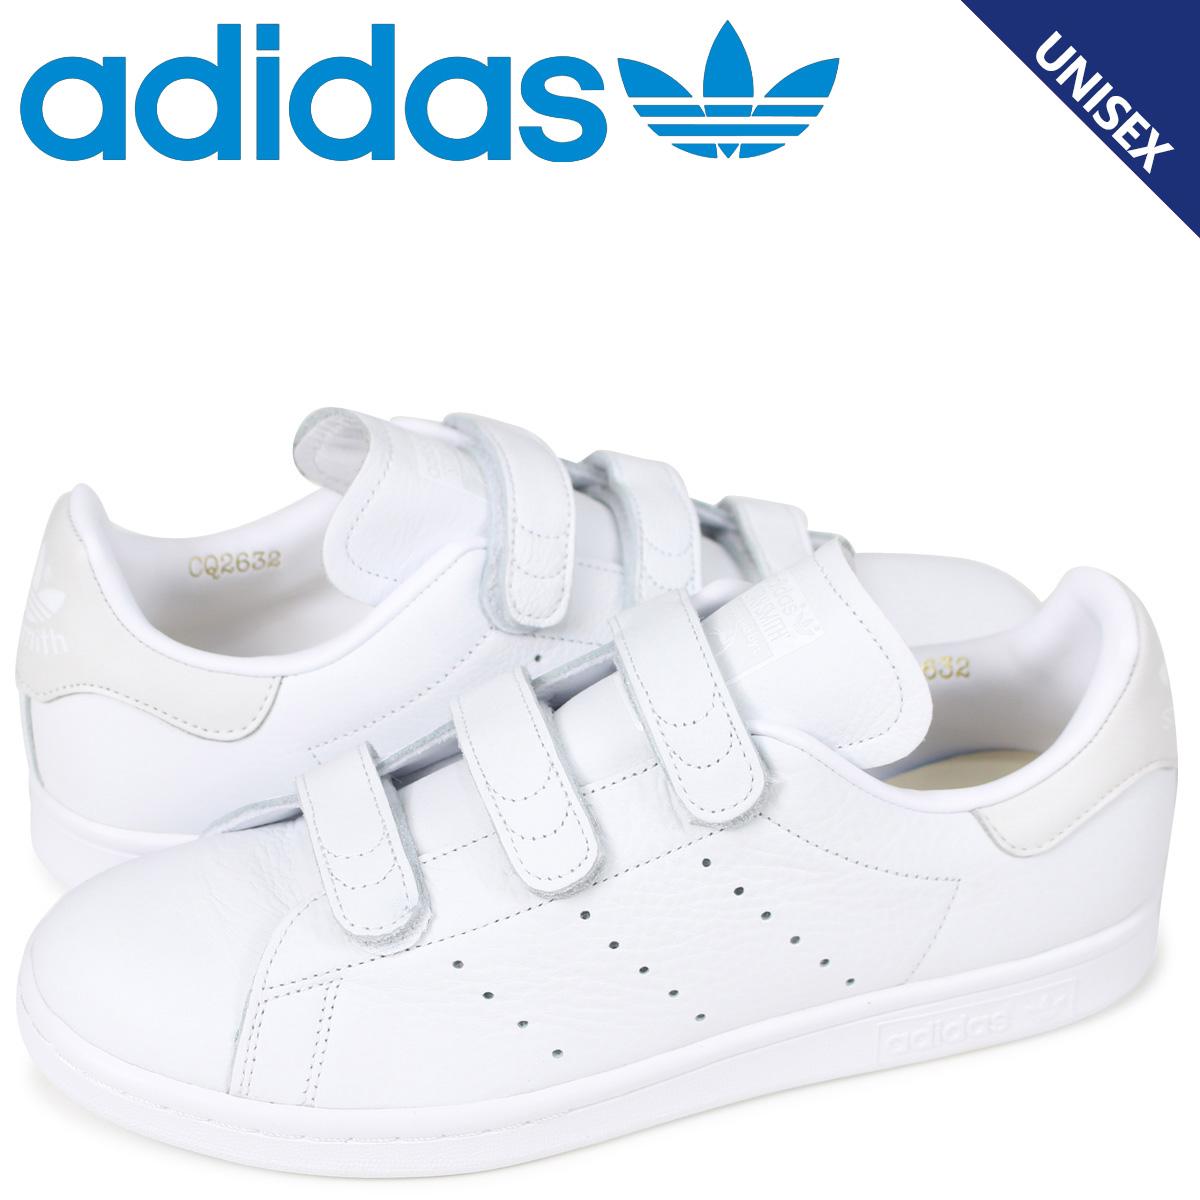 Online Sugar Originals Adidas Velcro Stan Shop Smith qCdCrAx